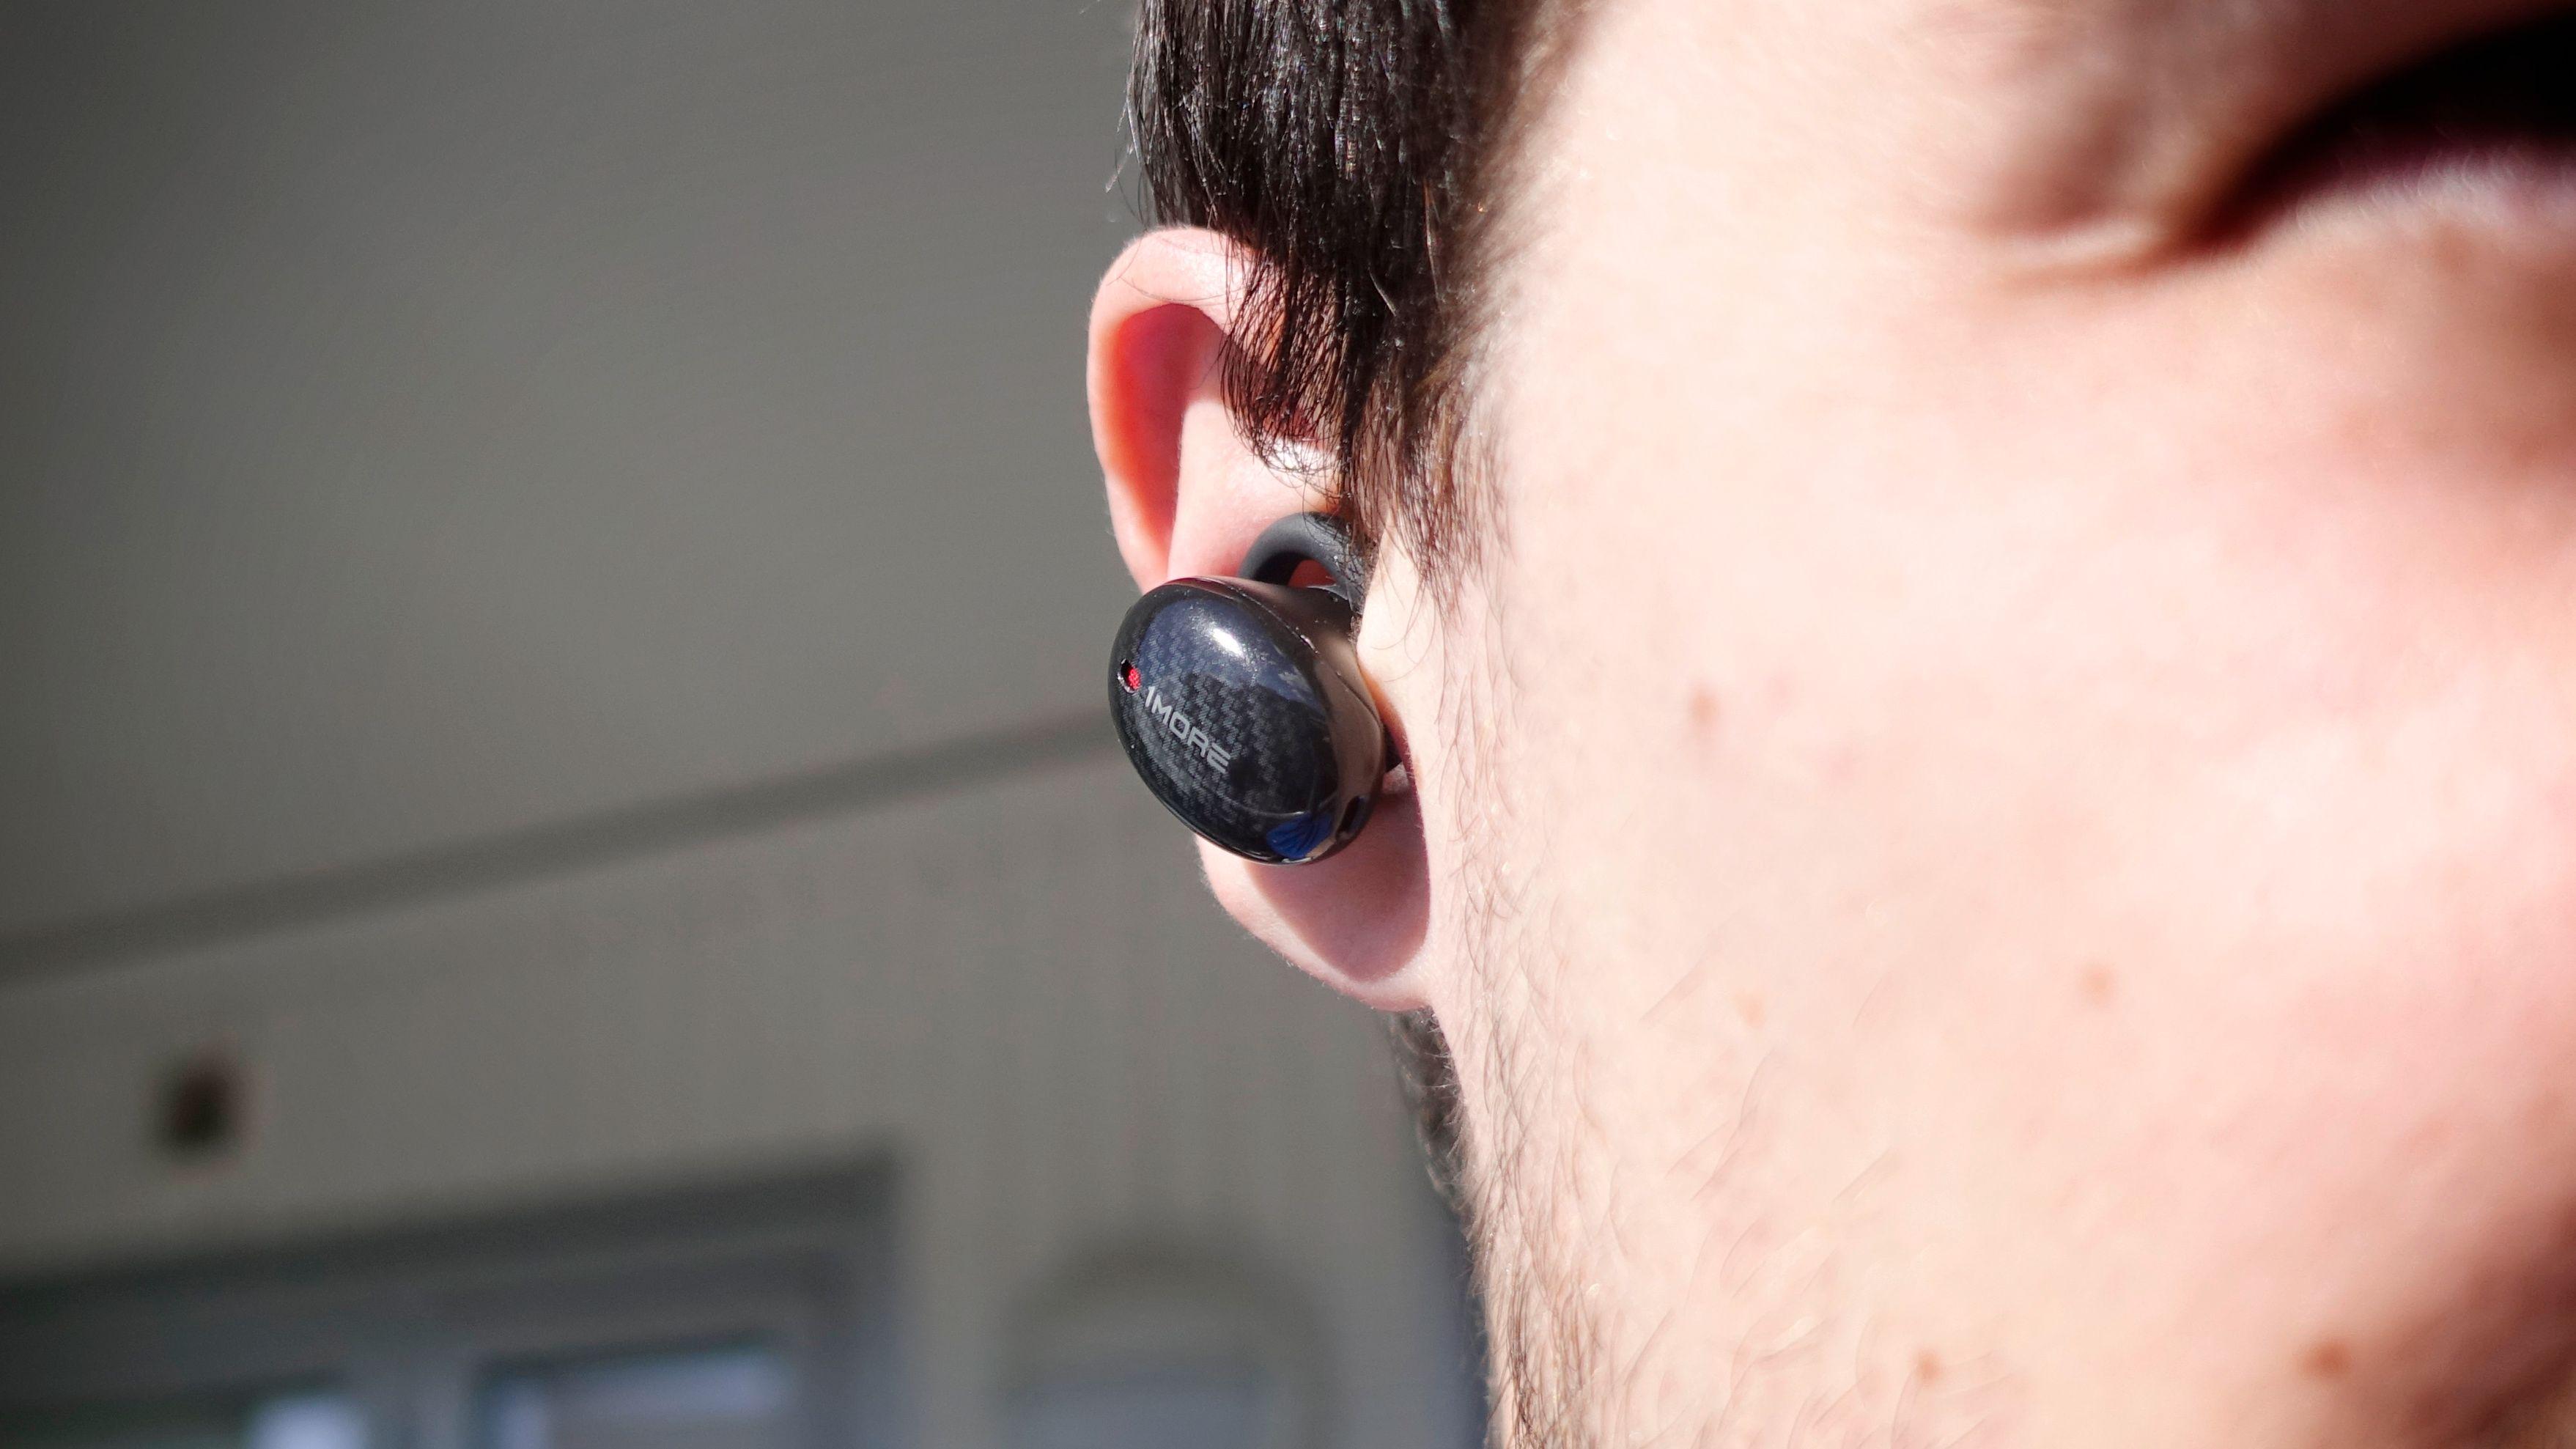 1More bruker vinger til å holde proppene på plass i ørene. Det fungerer greit, men andre lager mer diskré propper.